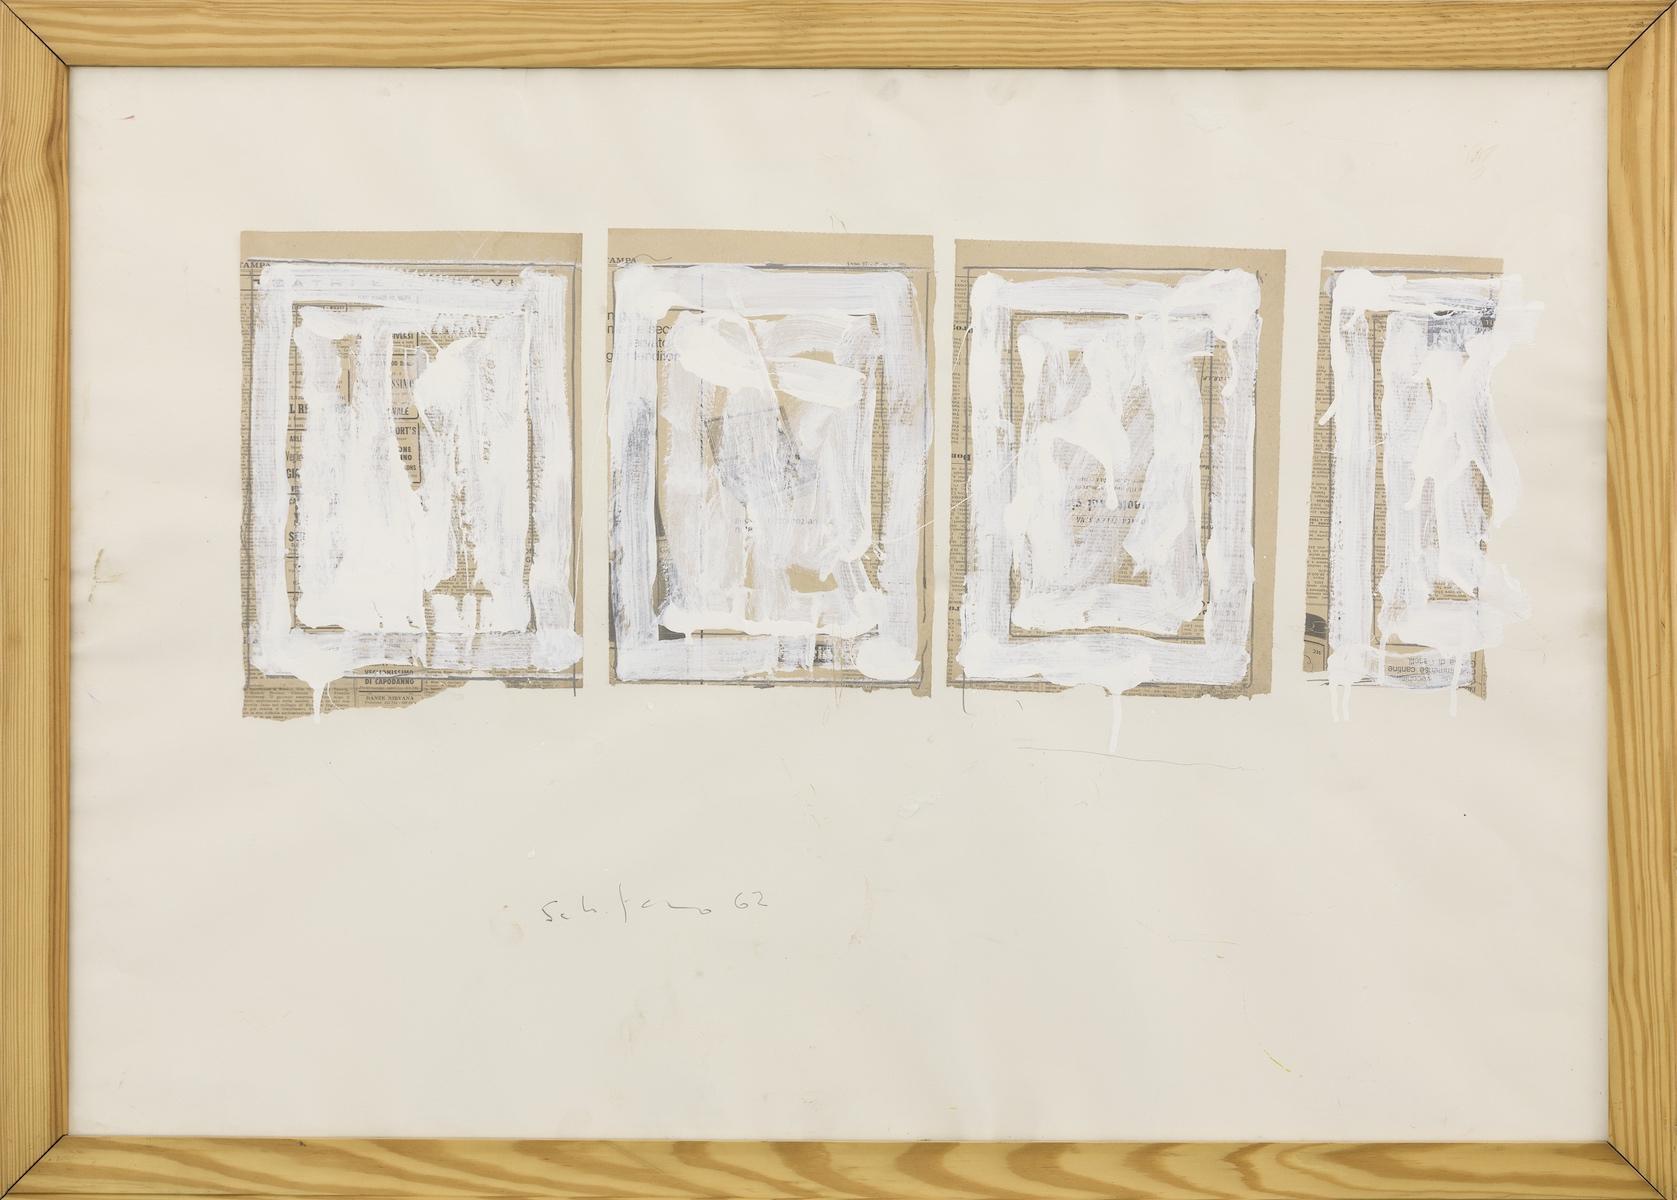 1962, collage e smalto su carta, cm 70x100